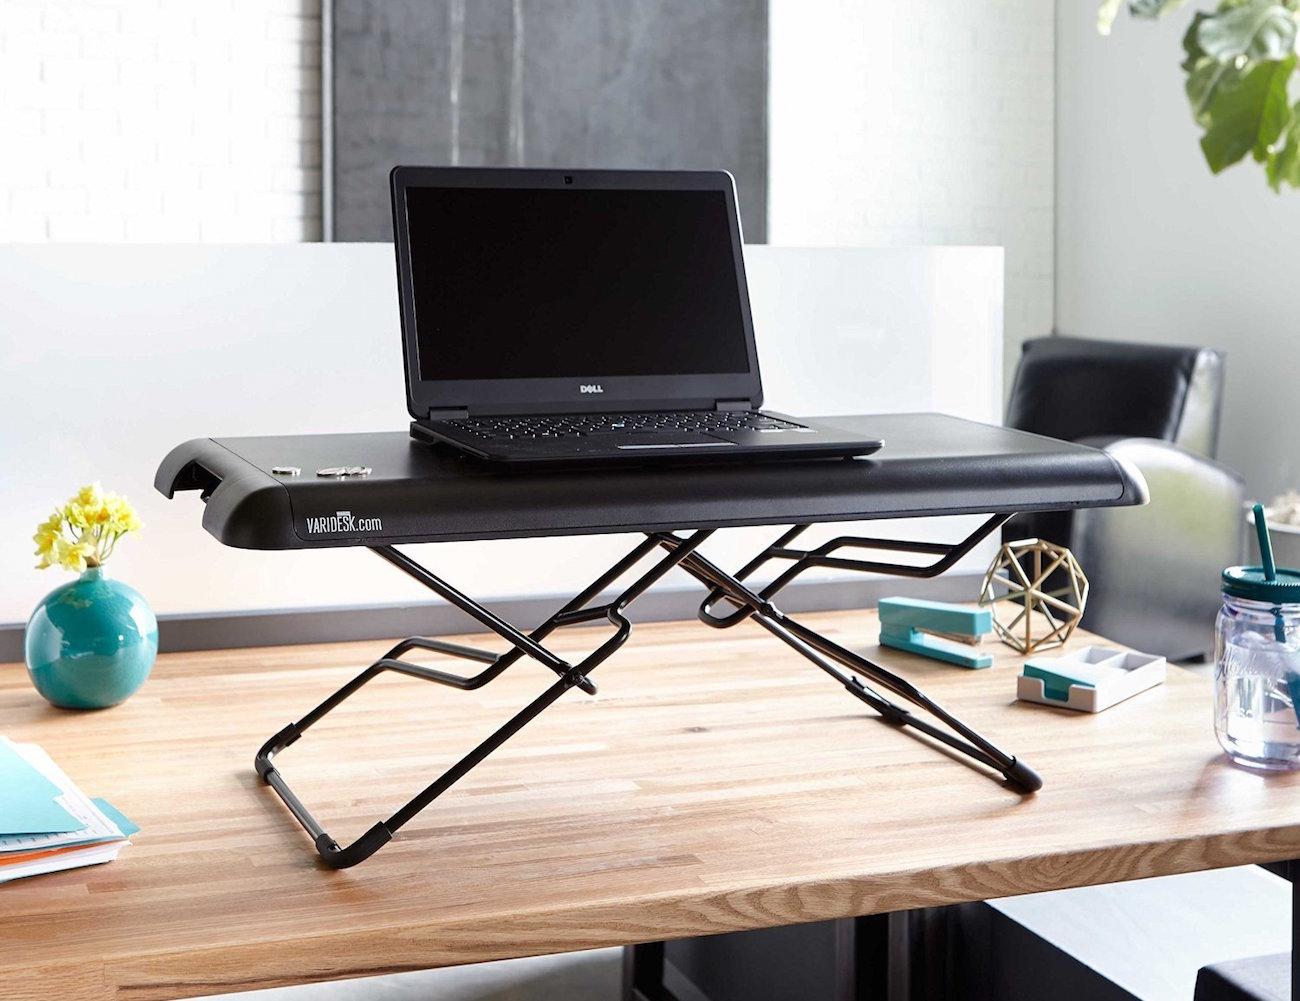 VARIDESK Soho Height Adjustable Standing Desk